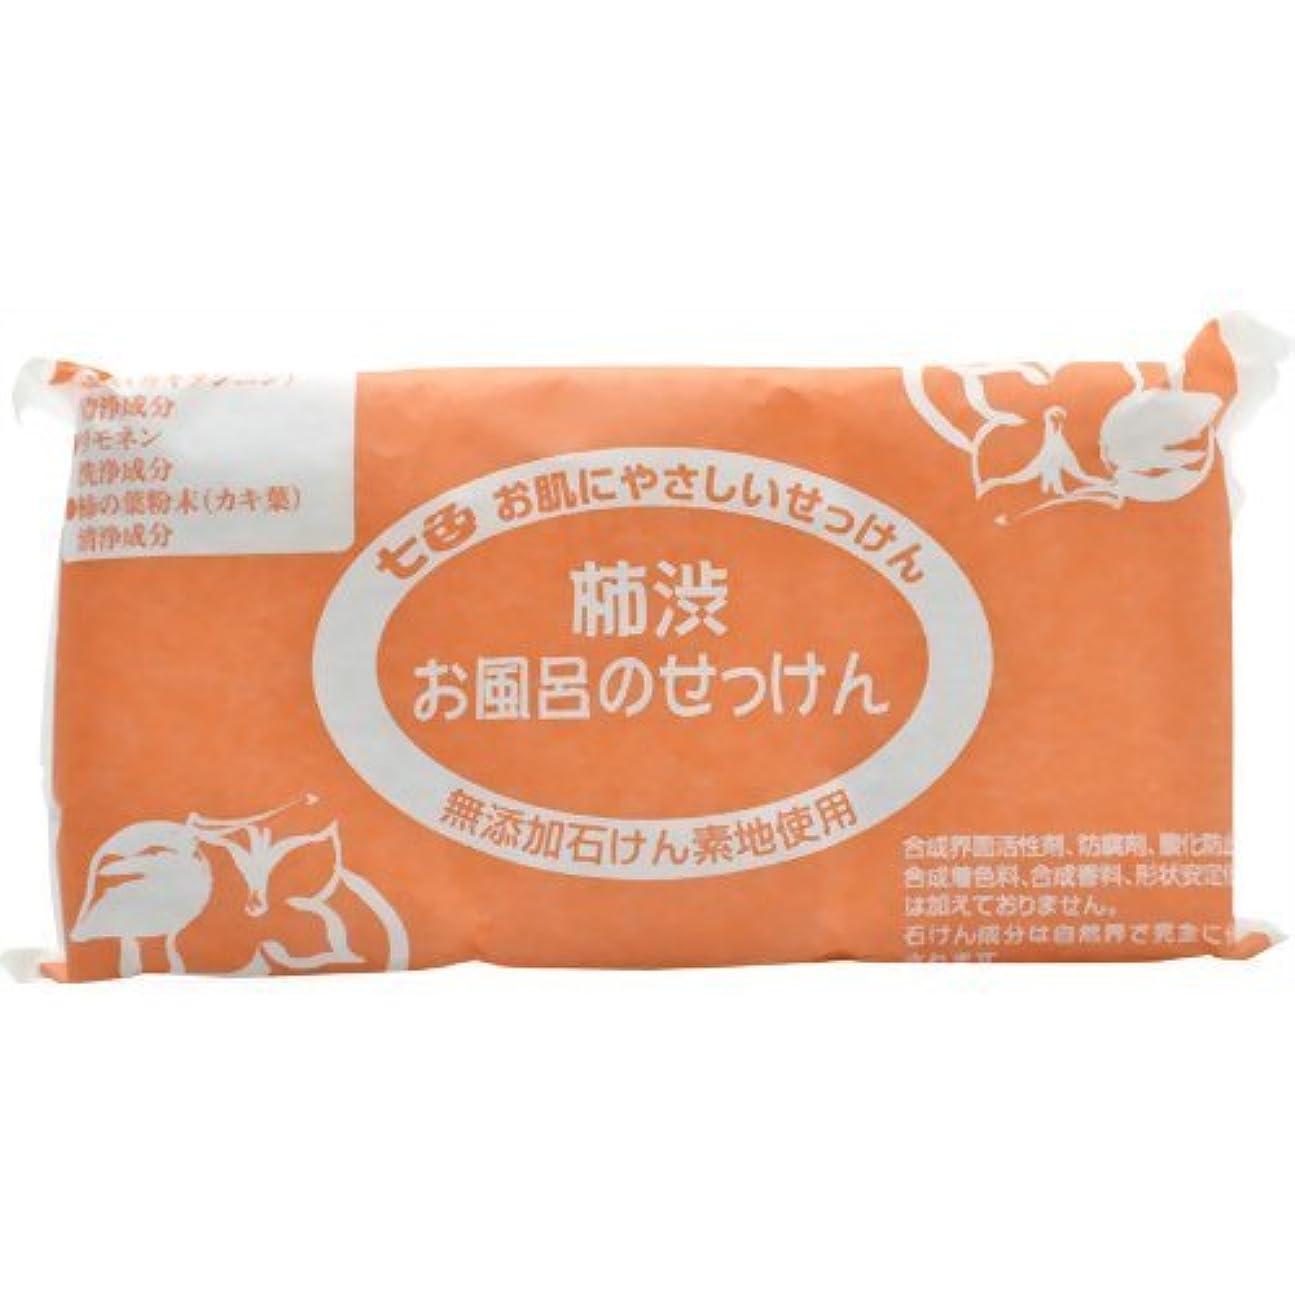 沿って昼間プール七色 お風呂のせっけん 柿渋(無添加石鹸) 100g×3個入